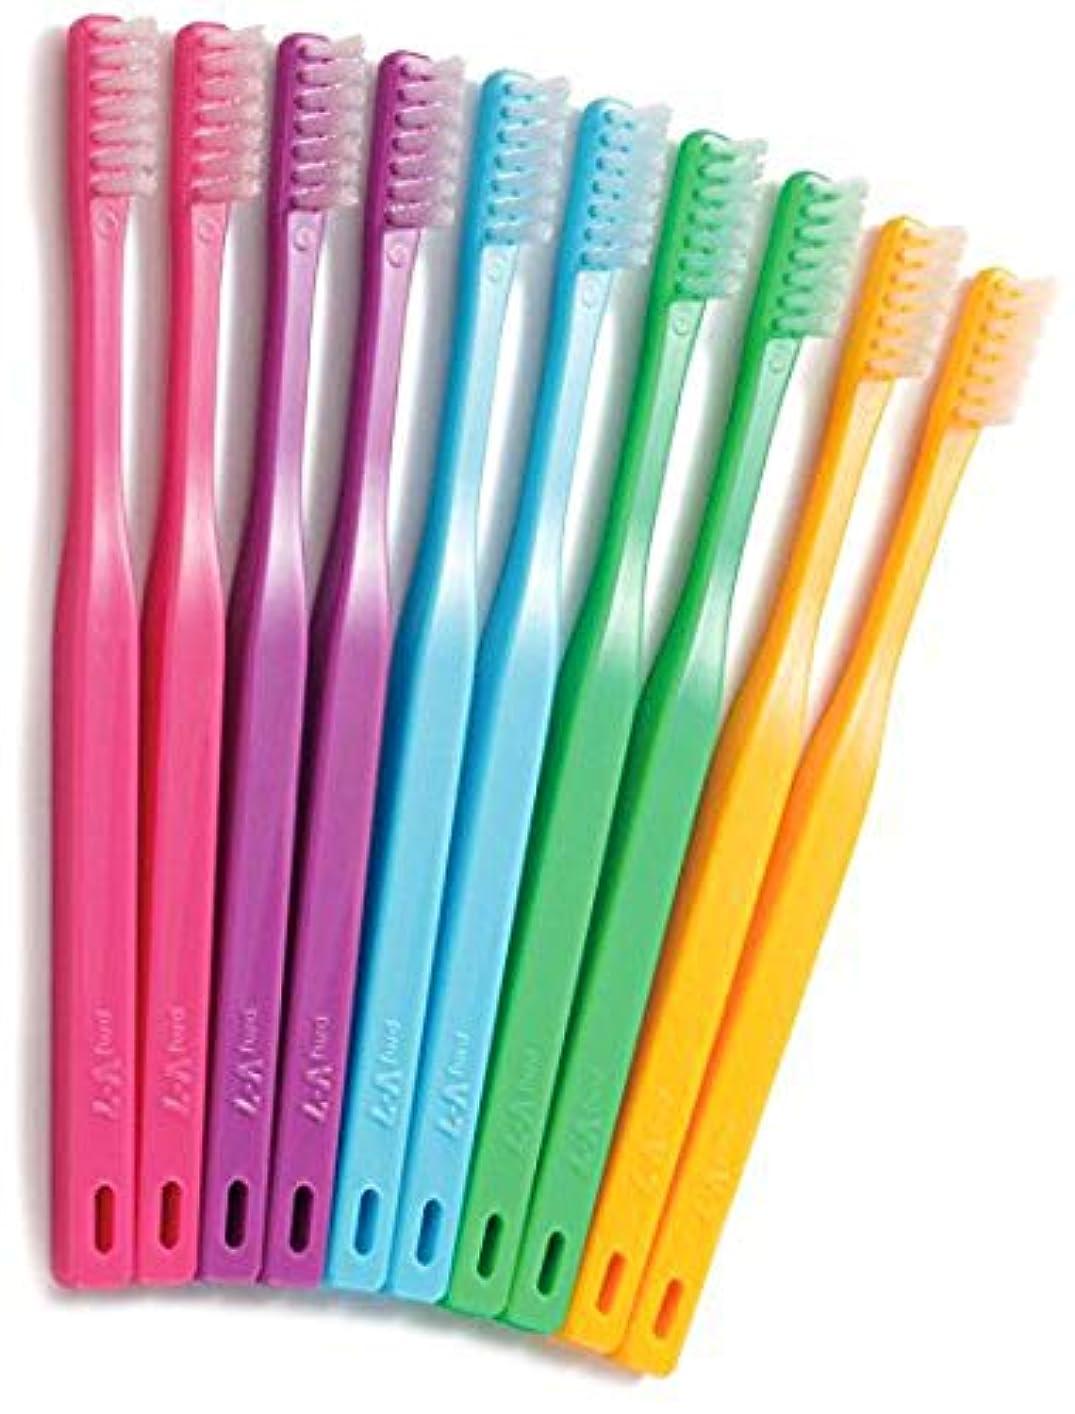 つまようじ法歯ブラシ V-7 ビビッドカラー レギュラーヘッド 1本